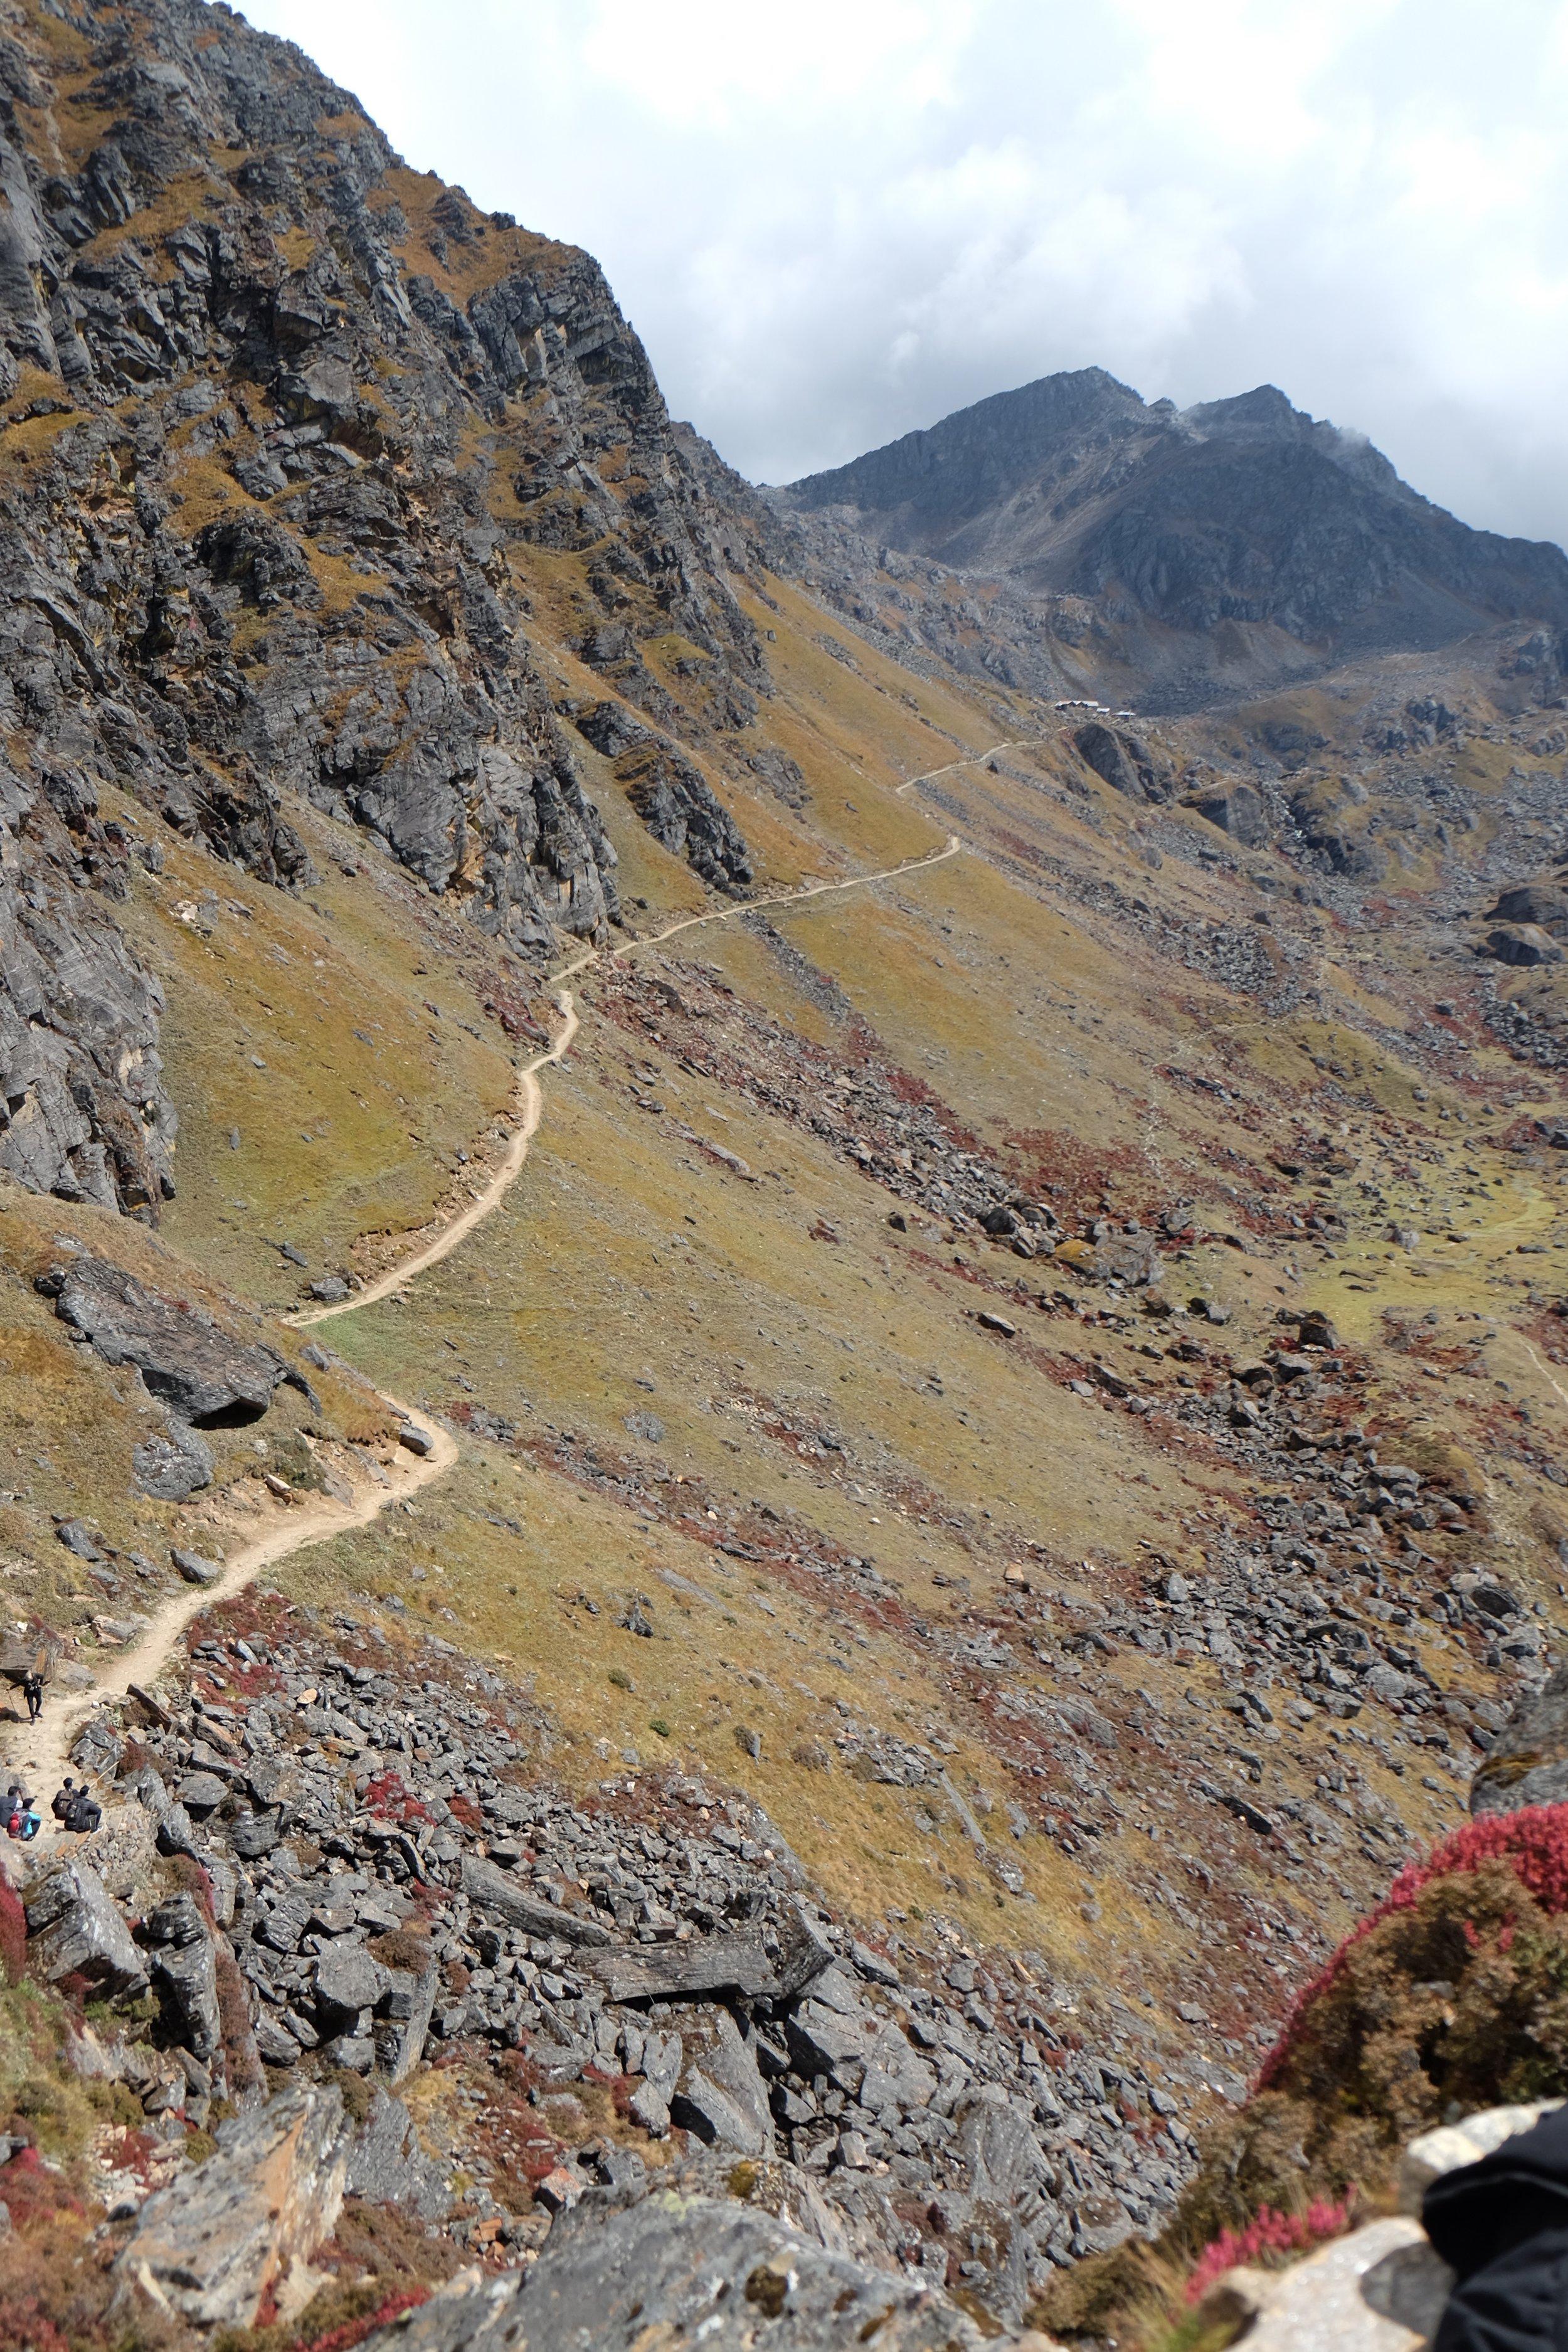 The road down to Laurabiniyak from Gosaikunda